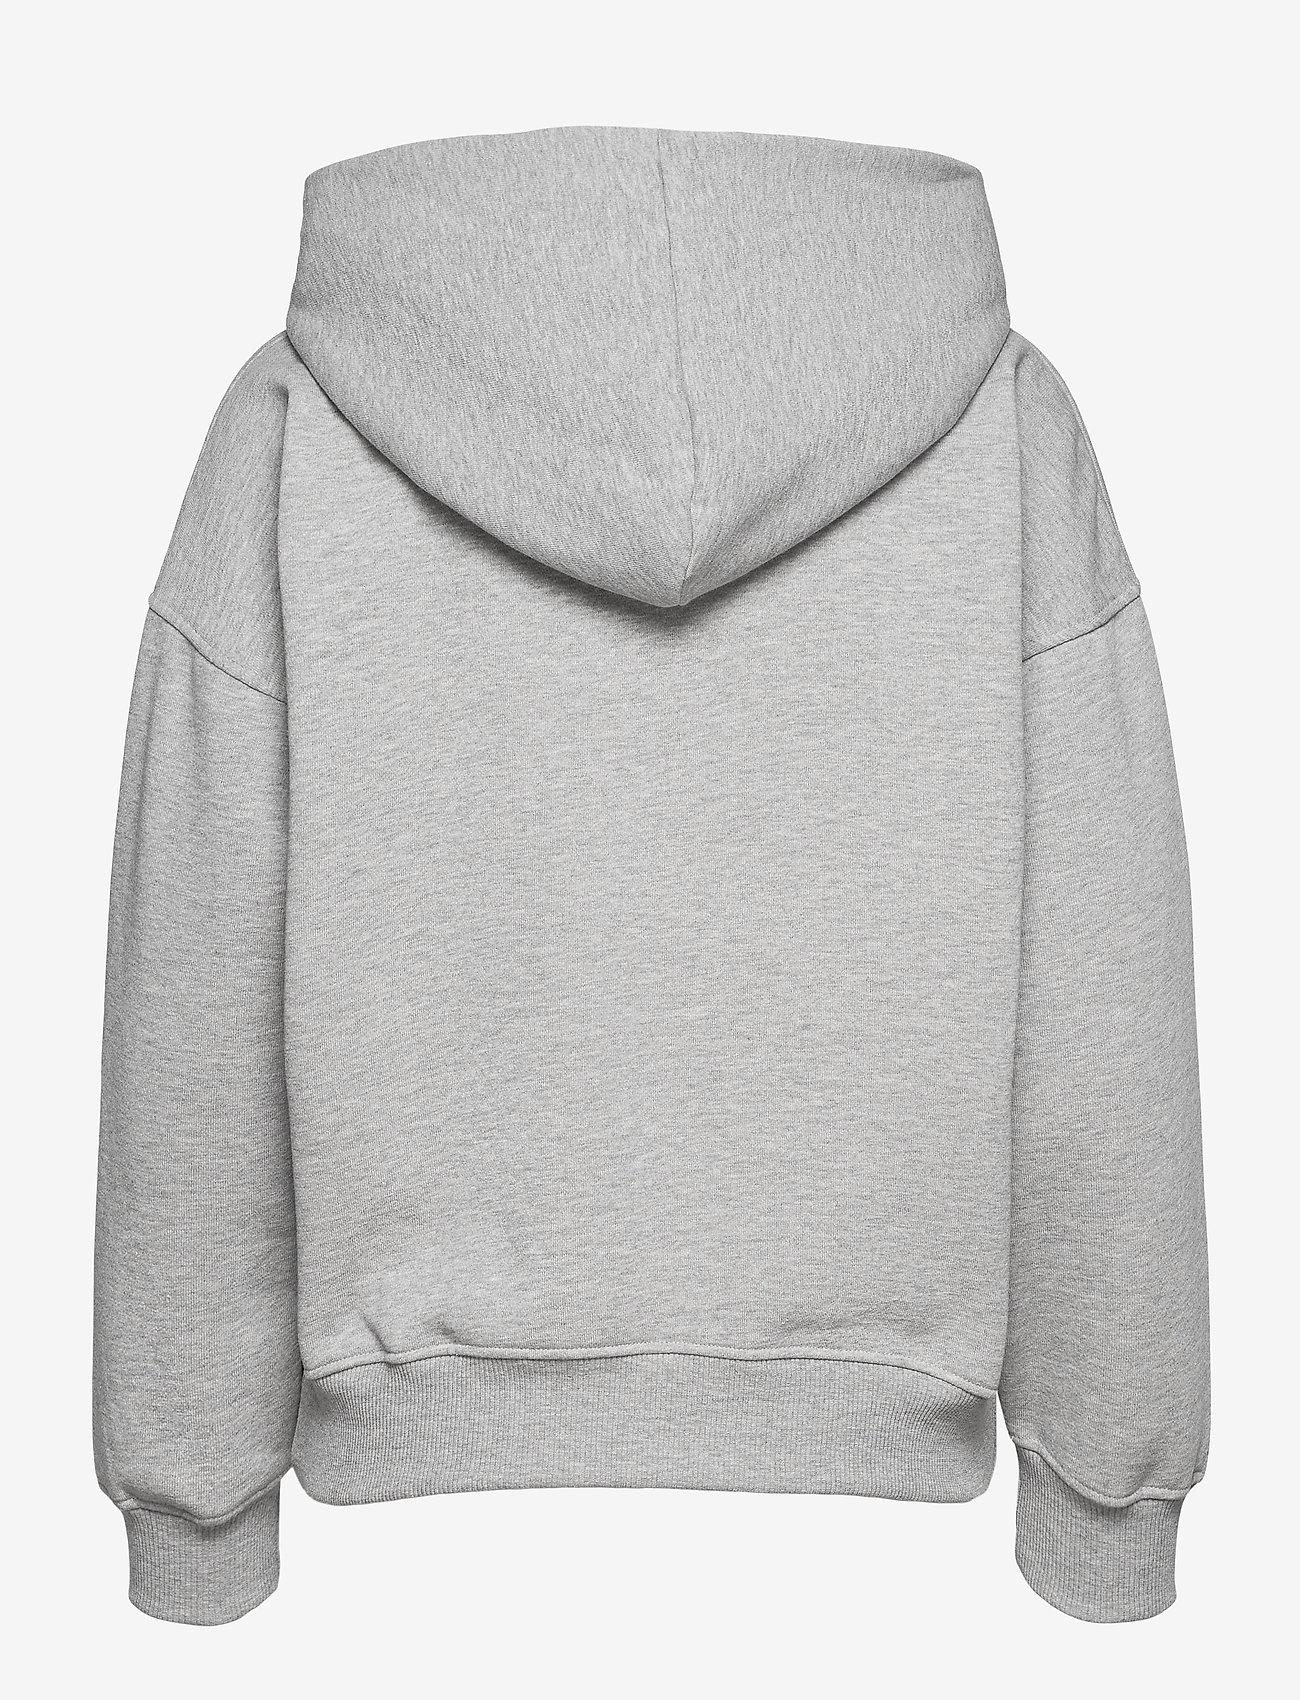 Gestuz - RubiGZ hoodie NOOS - sweatshirts & hættetrøjer - light grey melange - 1